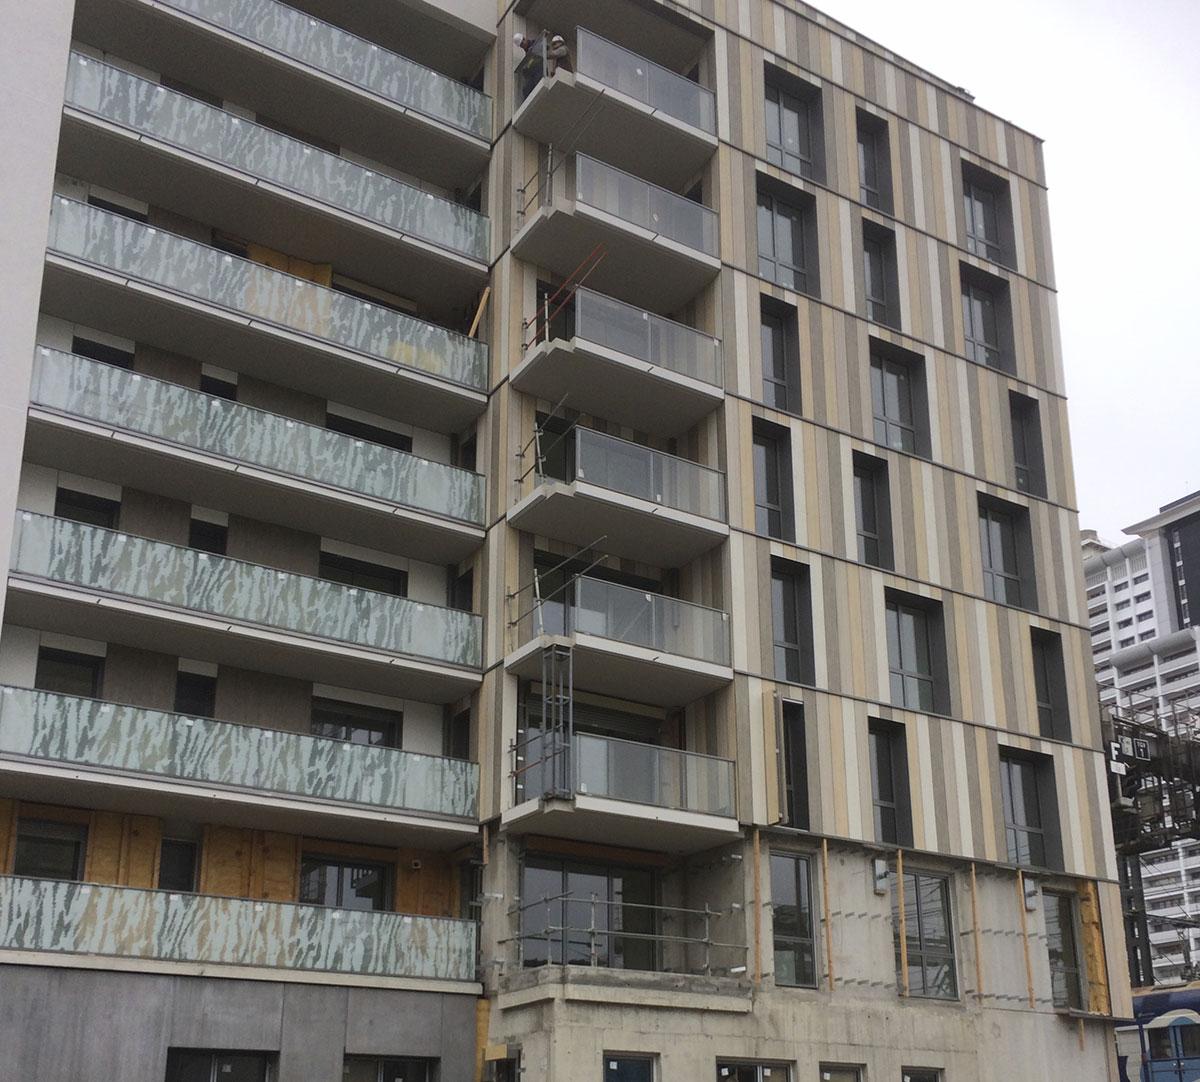 Réalisation Encadrement de fenêtres et couvertines d'acrotères sur bardage bois : image 1